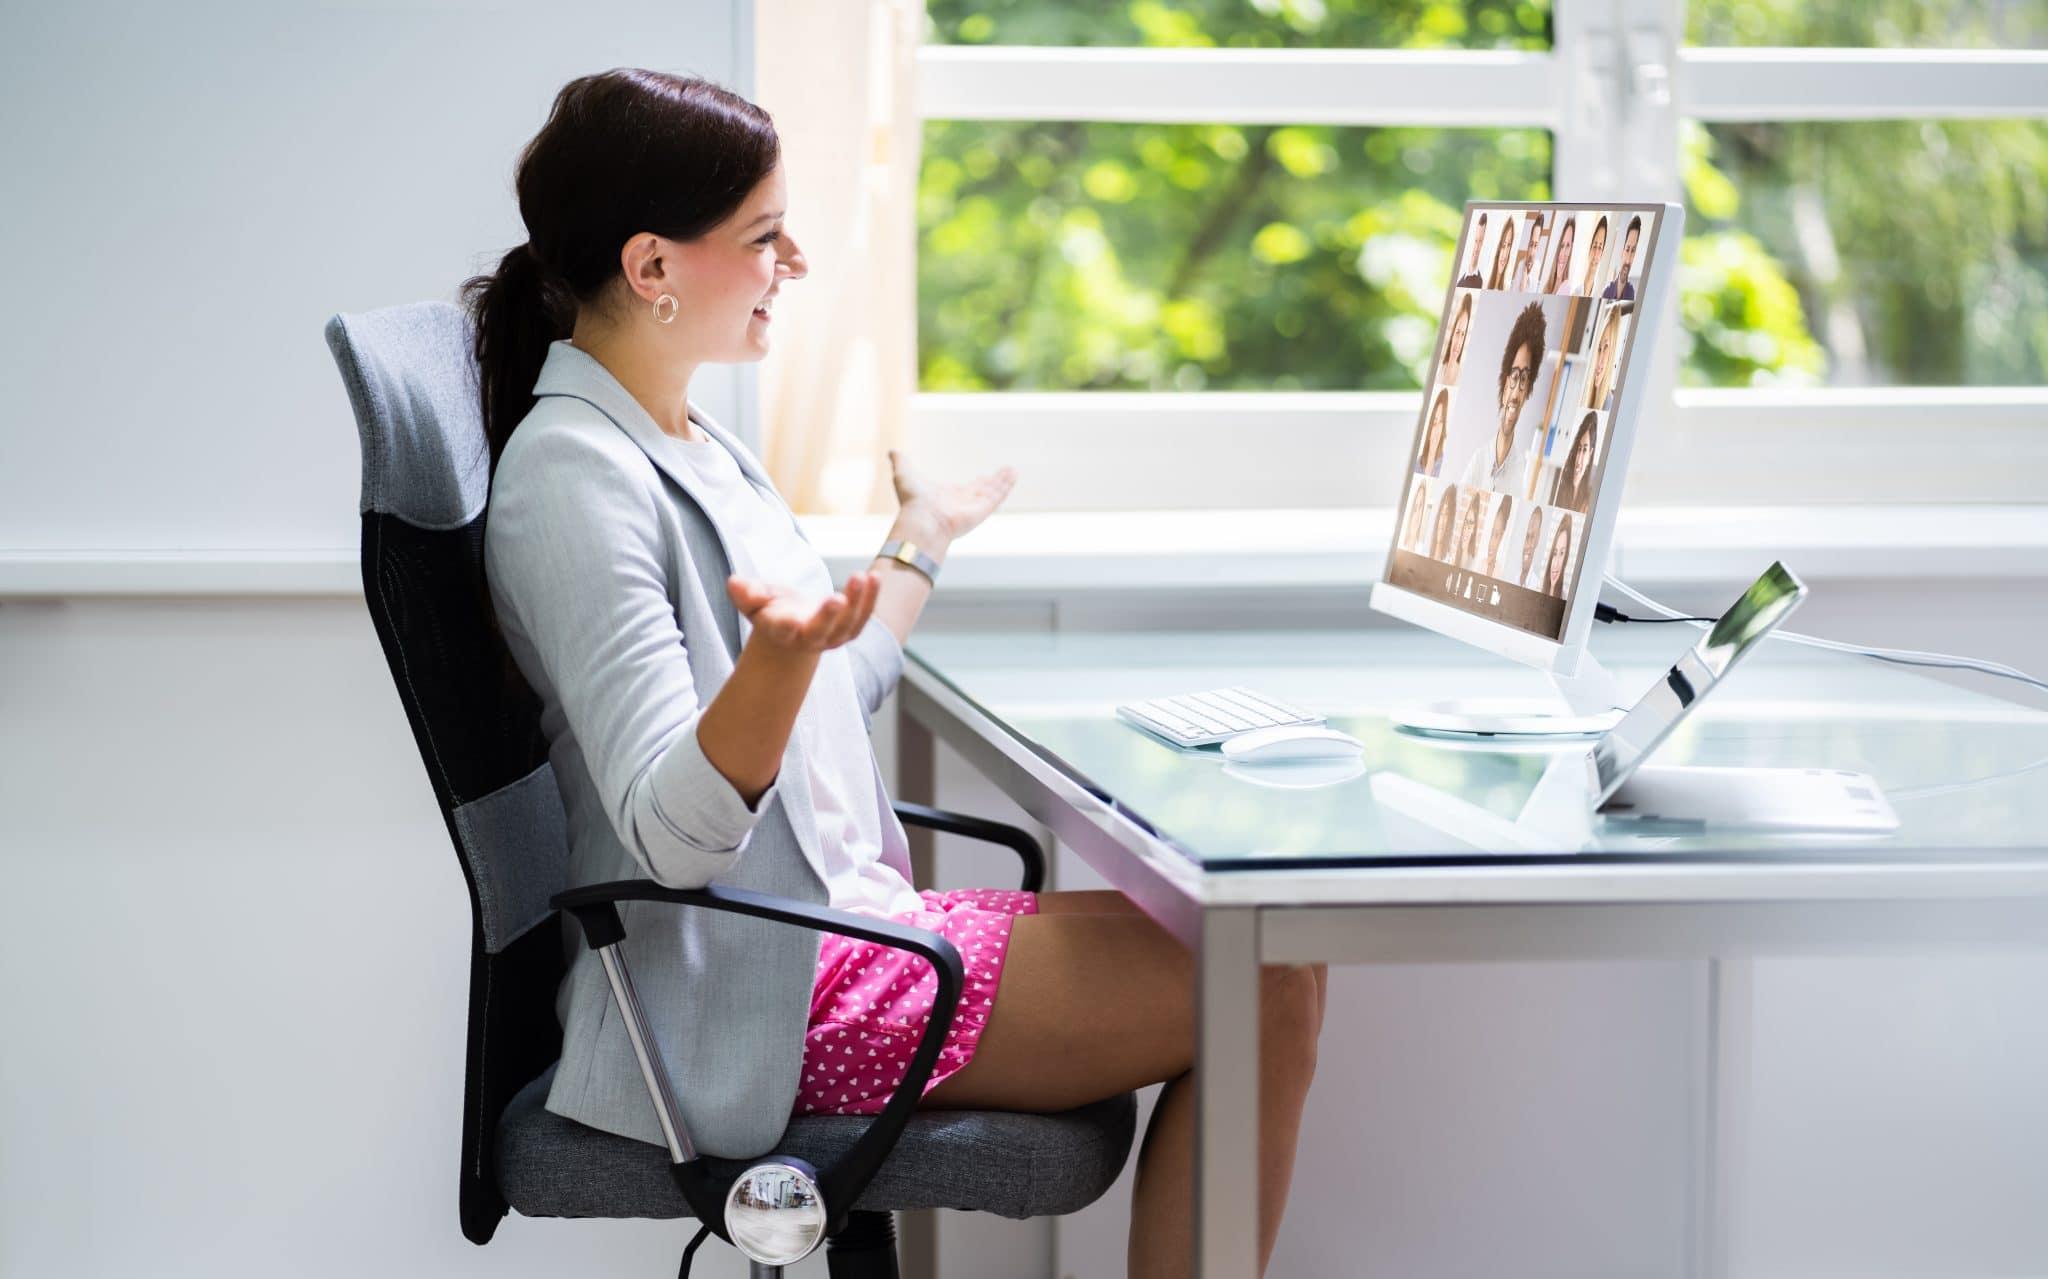 Quel look adopter pour vos visioconférences et autres communications vidéo ?